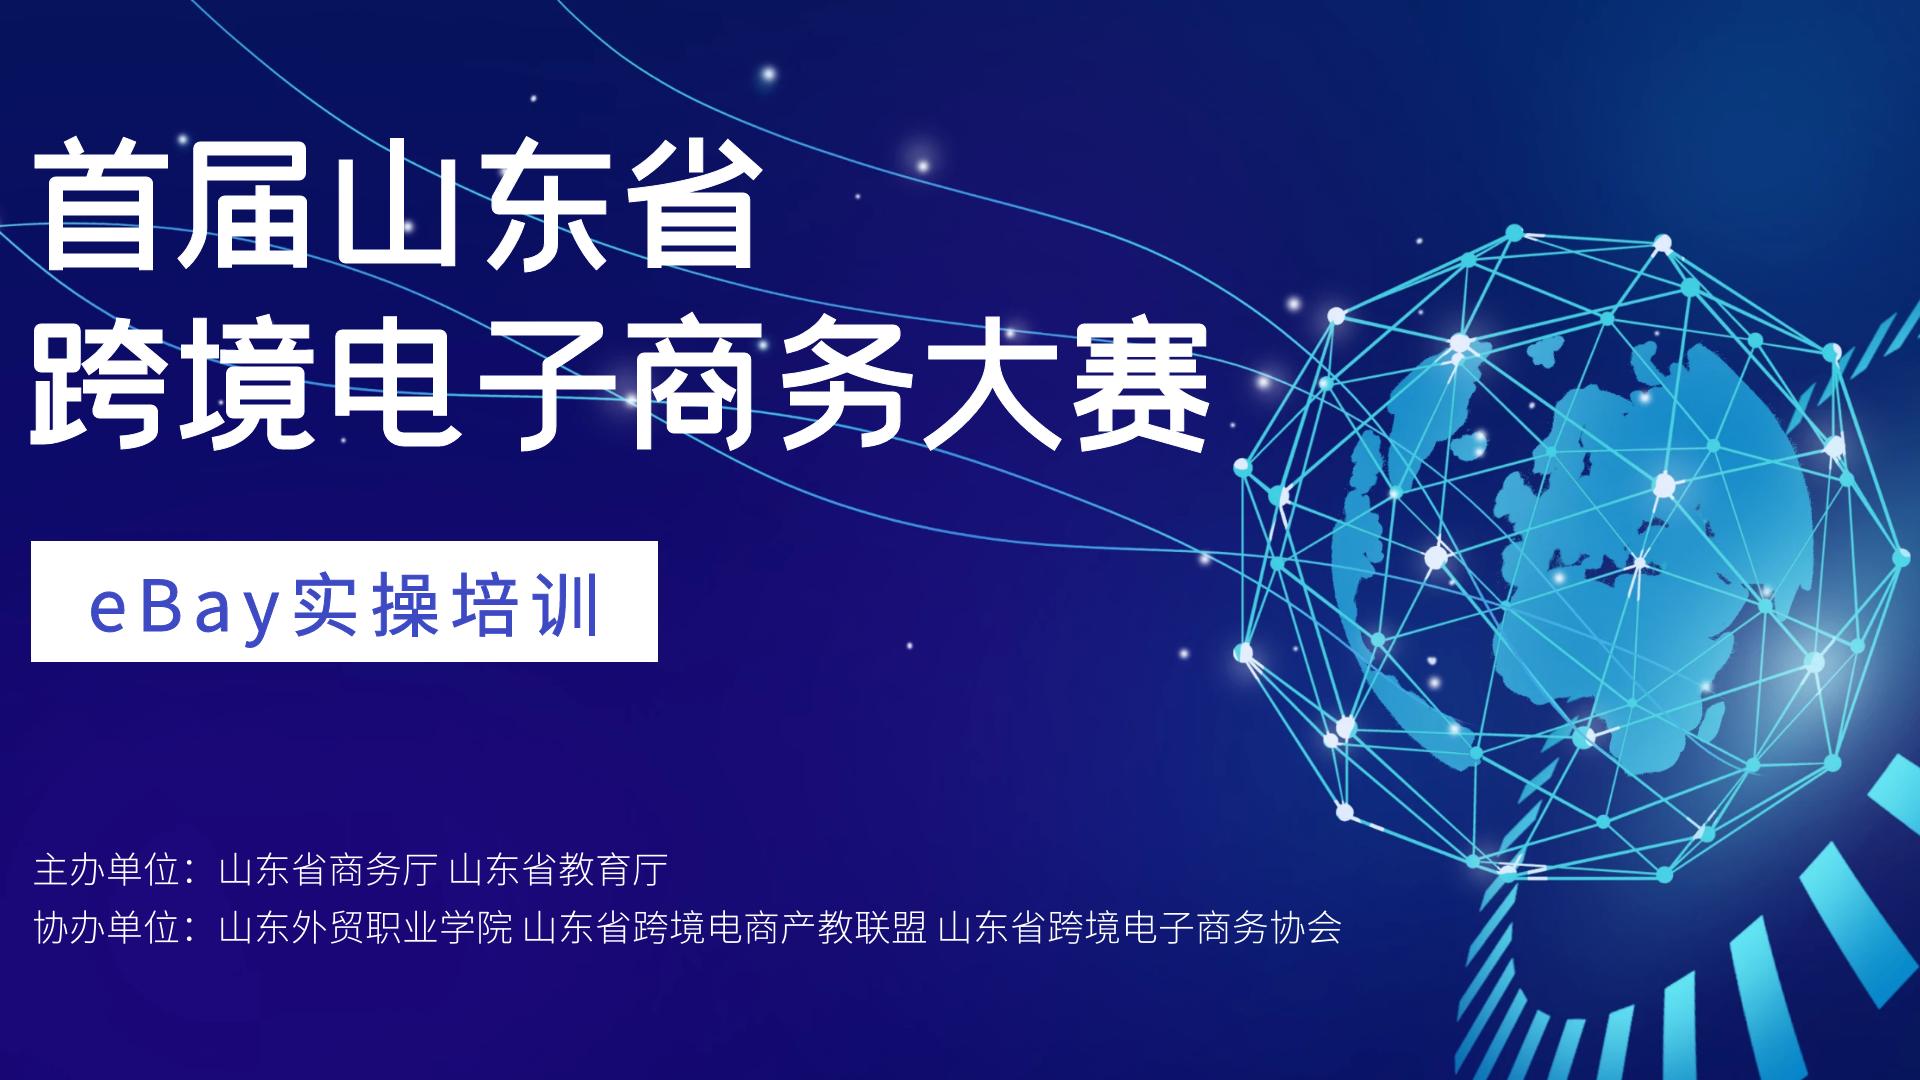 首届山东省跨境电子商务大赛eBay实操培训